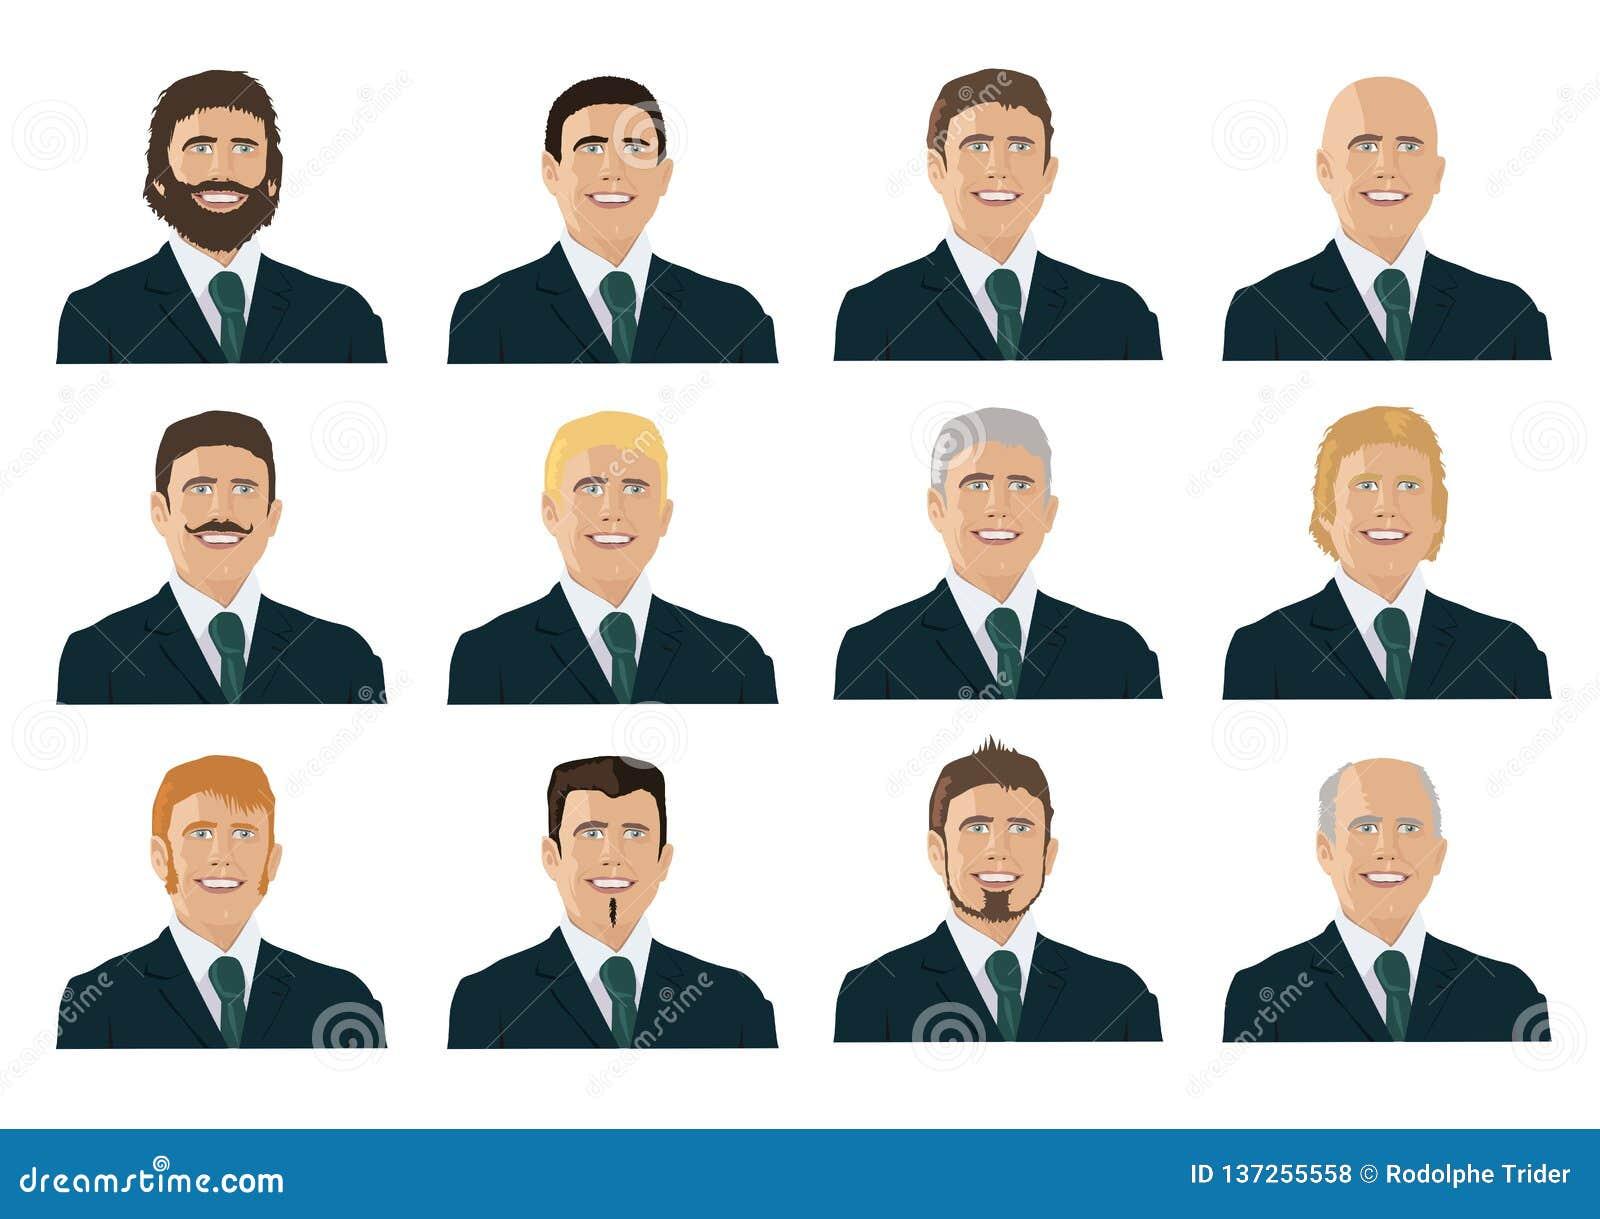 Plusieurs portraits des hommes, de toutes les générations avec différents styles